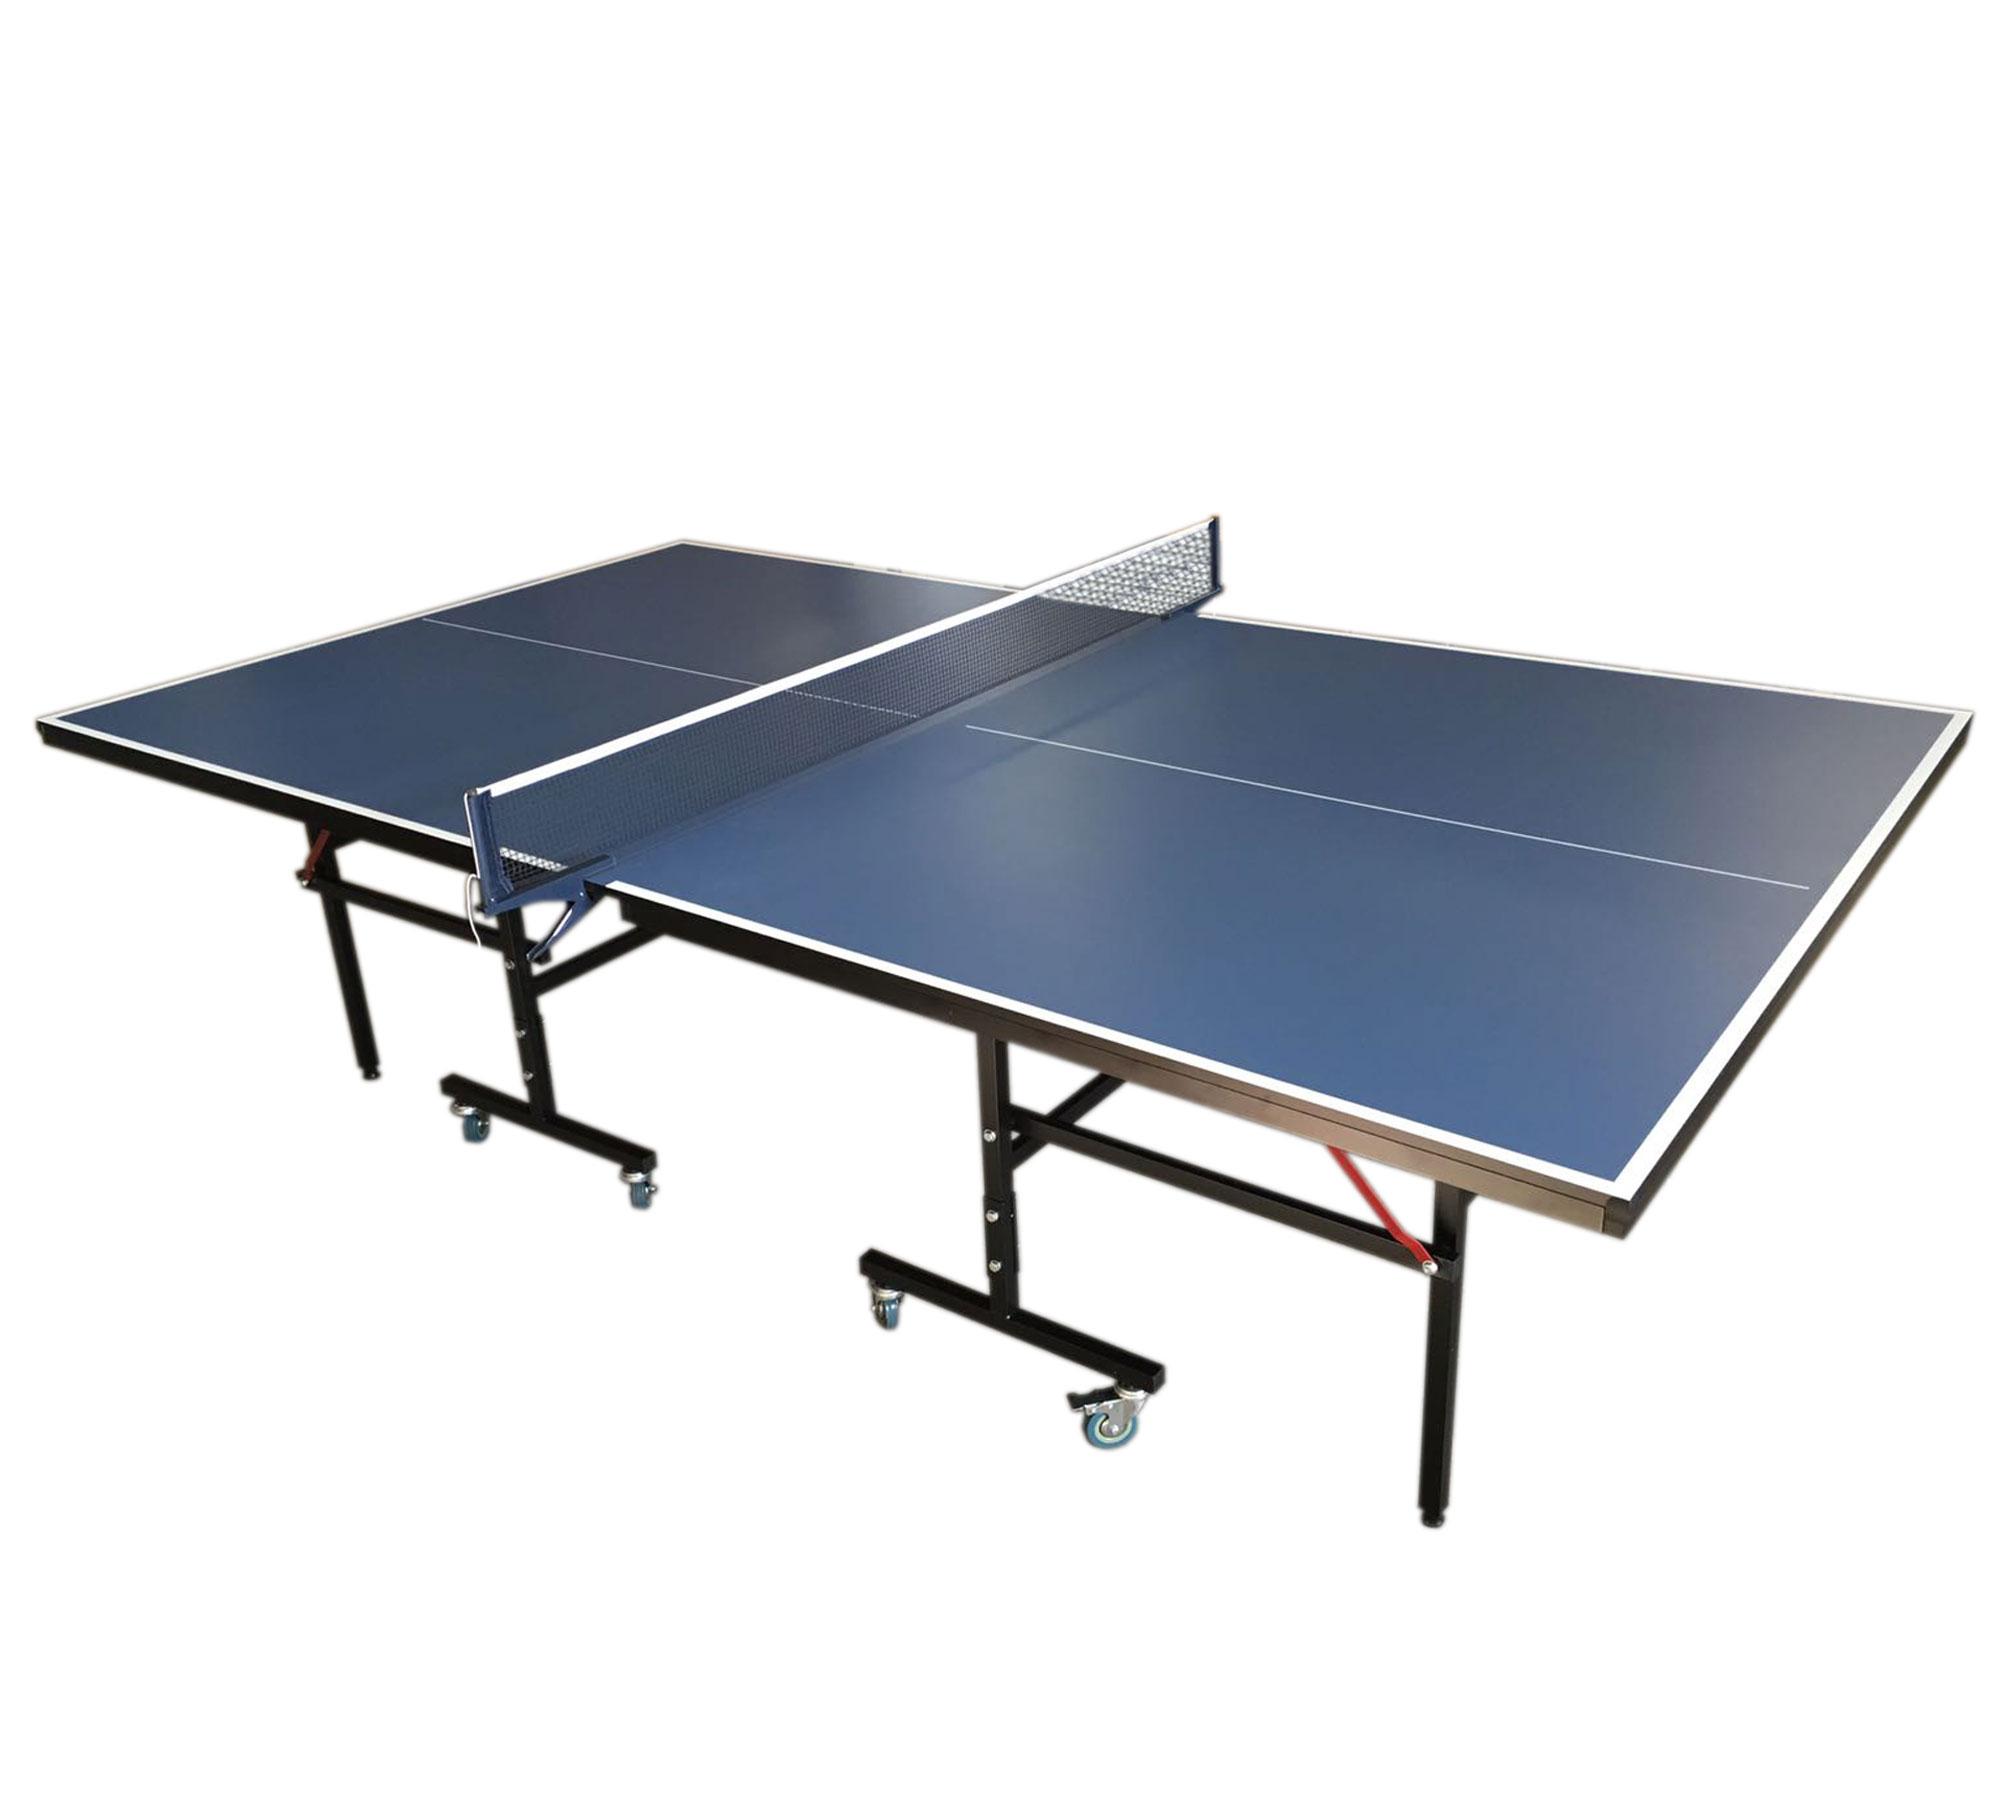 Tavolo ping pong professionale di colore blu modello roby - Misure tavolo da ping pong professionale ...